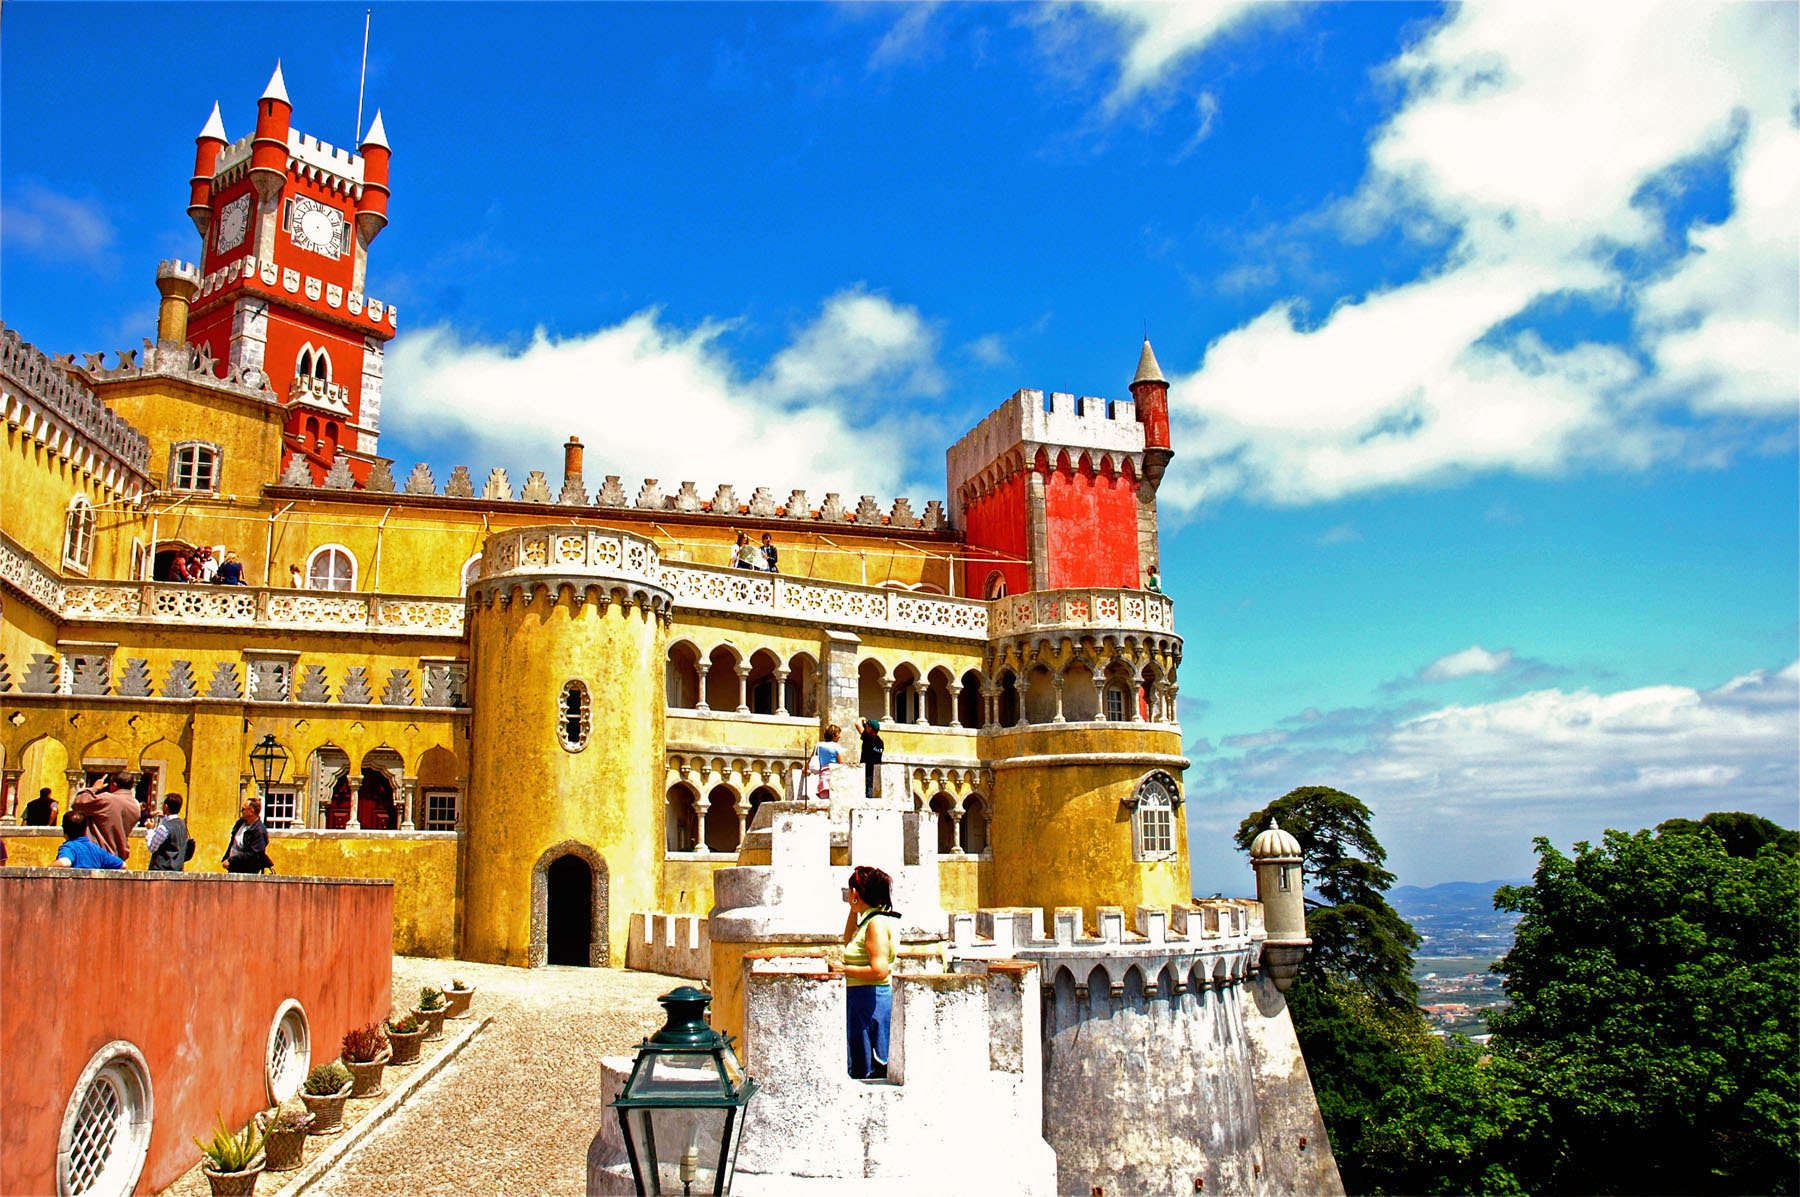 Portugal-Lisbon-Color Castle_929355